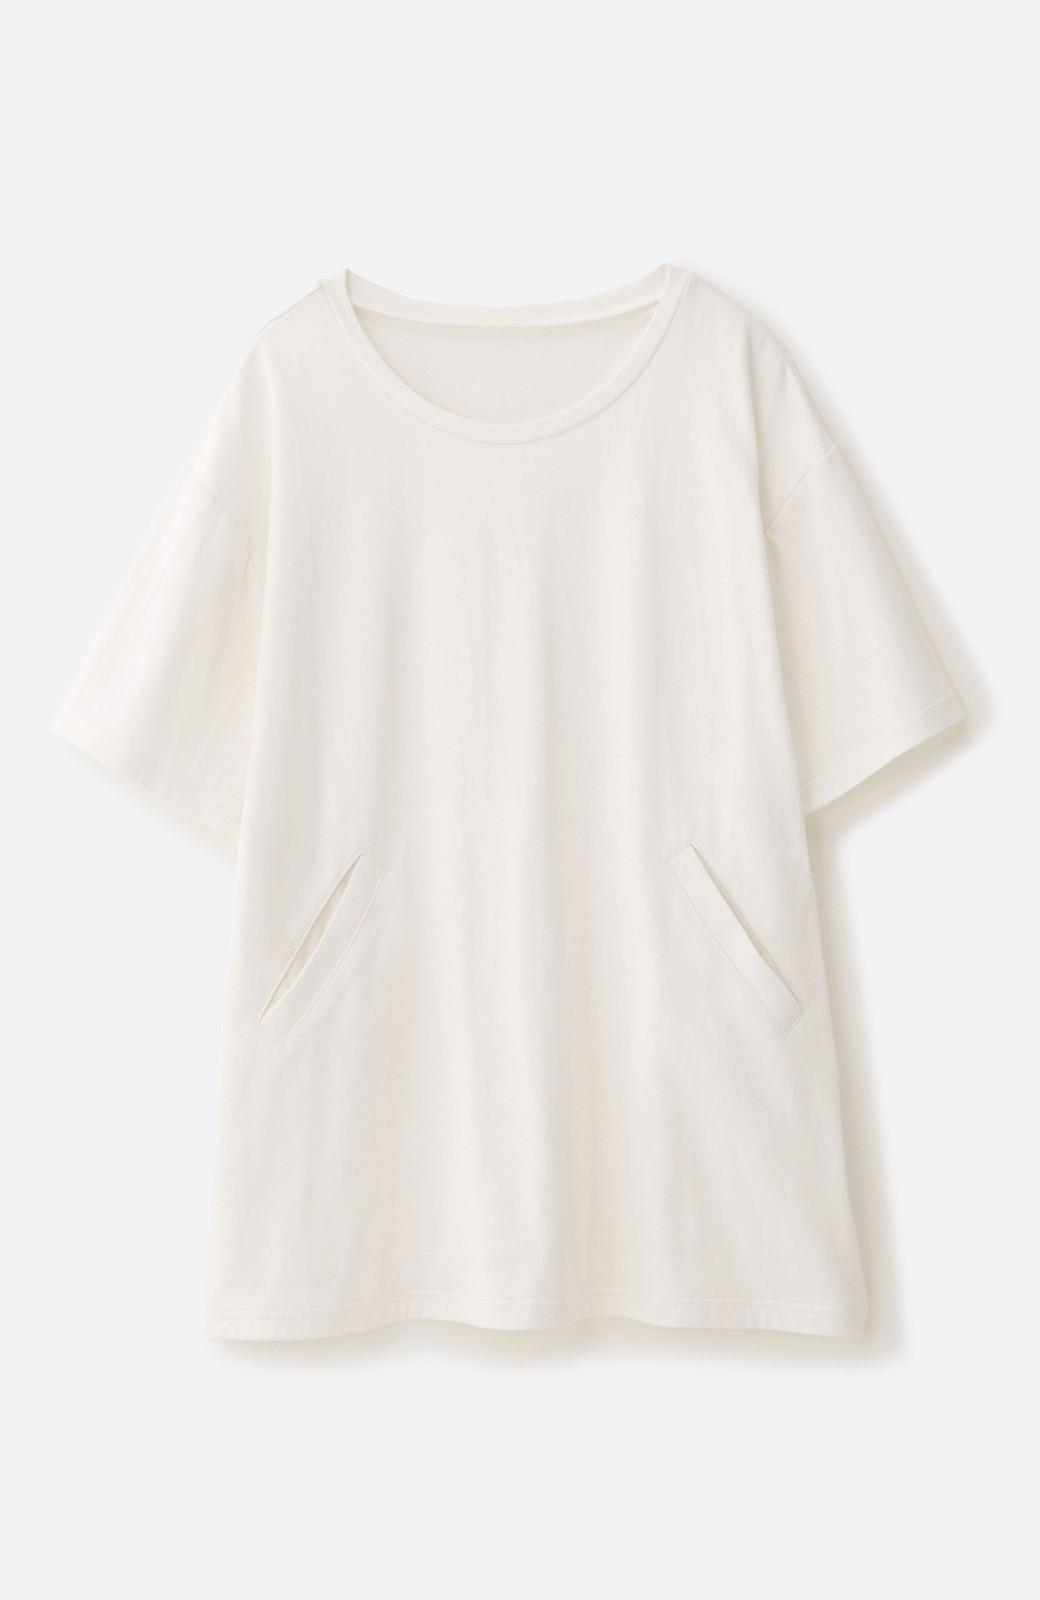 haco! 女の子バンザイ!プロジェクト 【ブルー期】PBPオーガニックコットンのおなかポケット付きTシャツ <ホワイト>の商品写真2